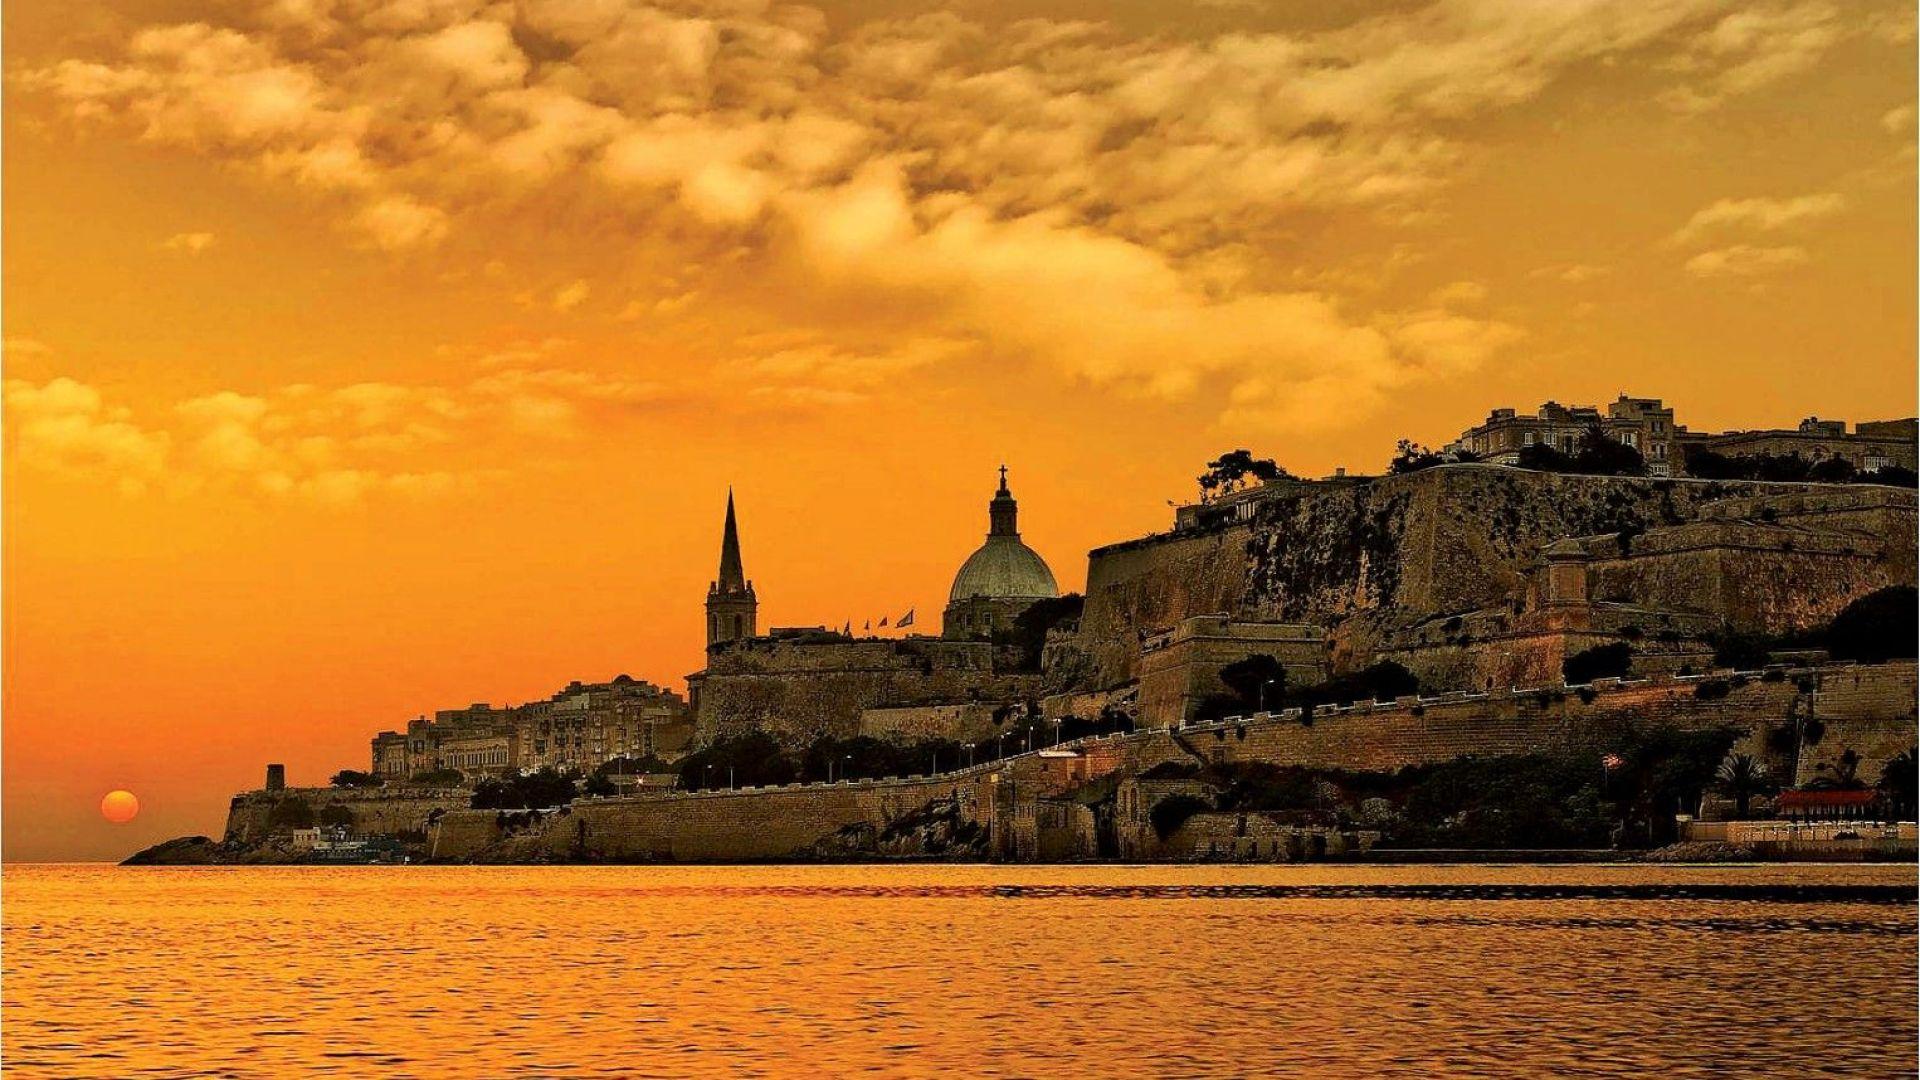 Eвростолицата на културата Ла Валета, завръщане в стара Италия